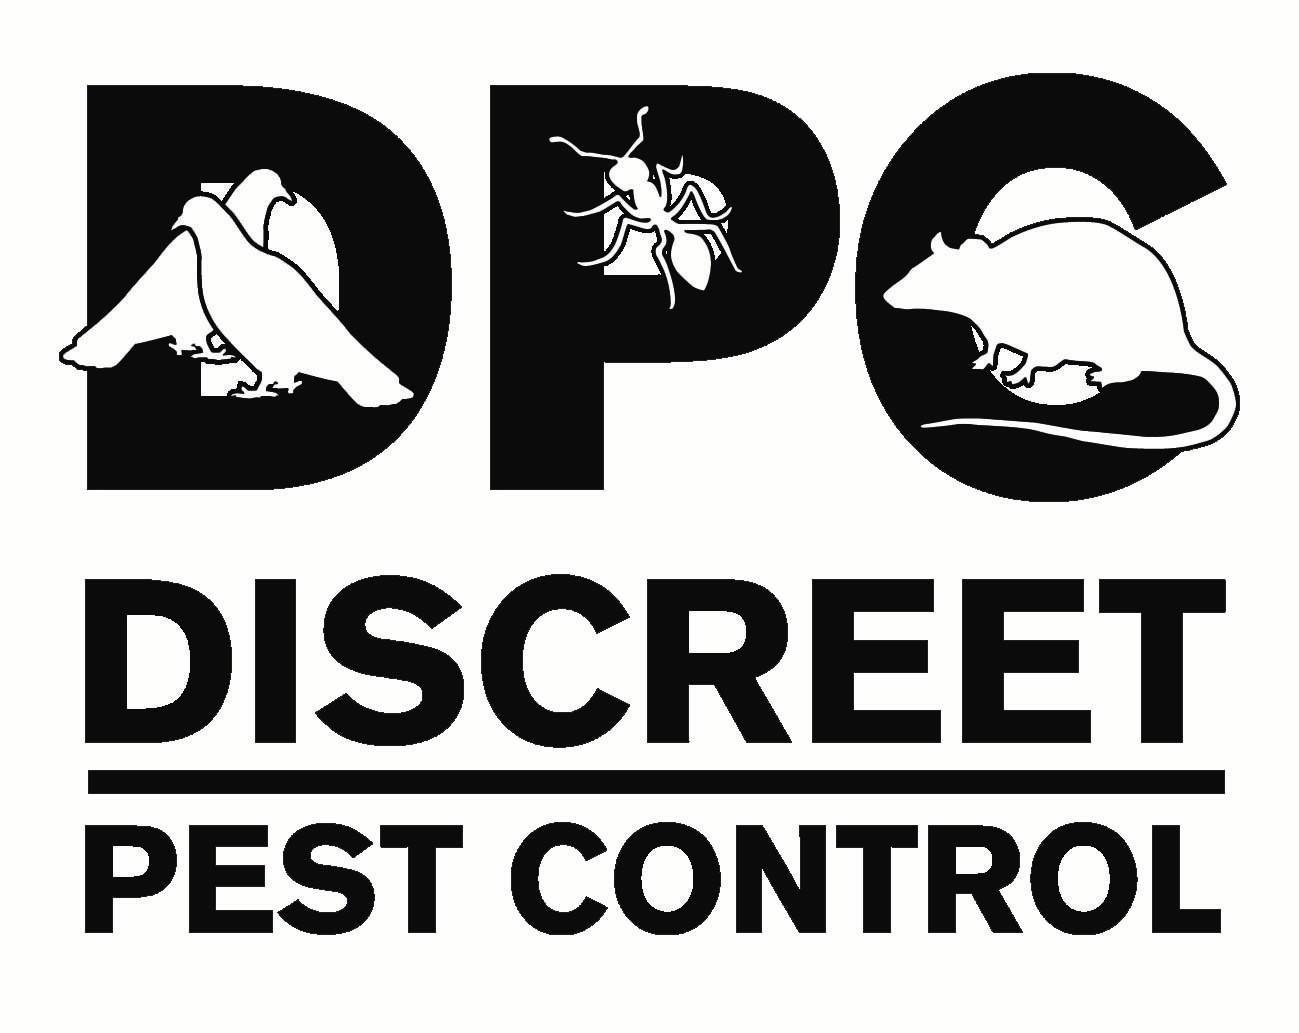 Discreet Pest Control Logo